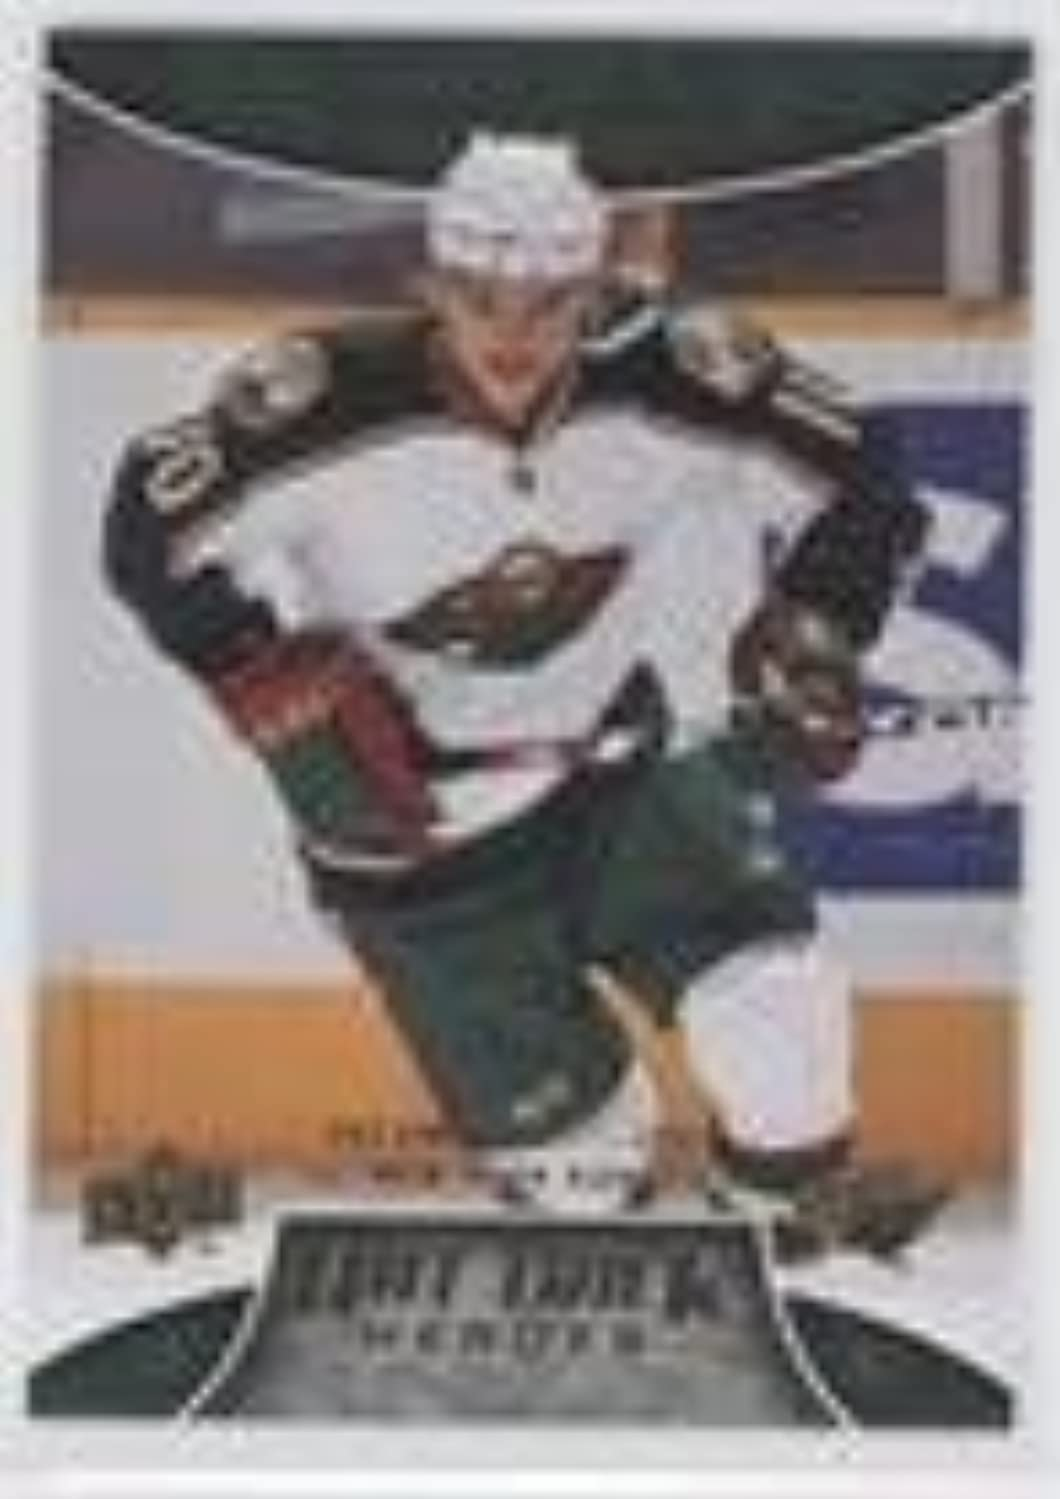 Marian Gaborik (Hockey Card) 2008-09 Upper Deck - Hat Trick Heroes #HT12